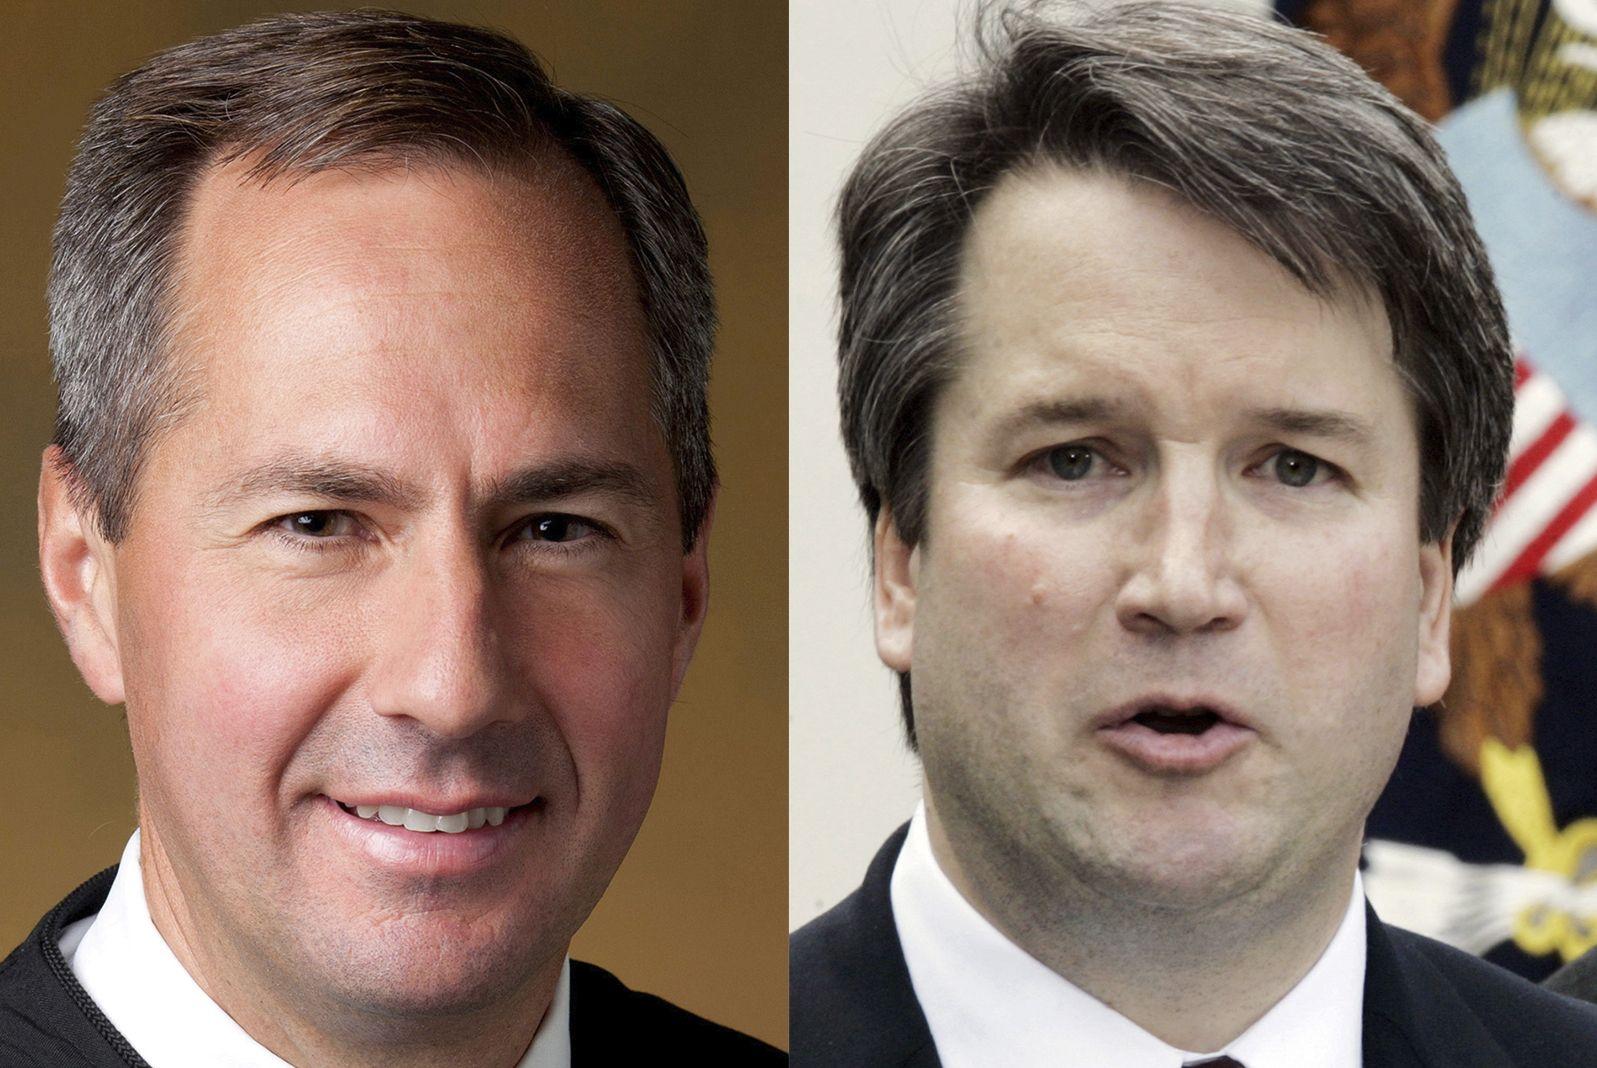 FAVORITTER: De konservative dommerne Thomas Hardiman (53, til venstre) og Brett Kavanaugh (53) er favoritter til den ledige posten i amerikansk høyesterett.